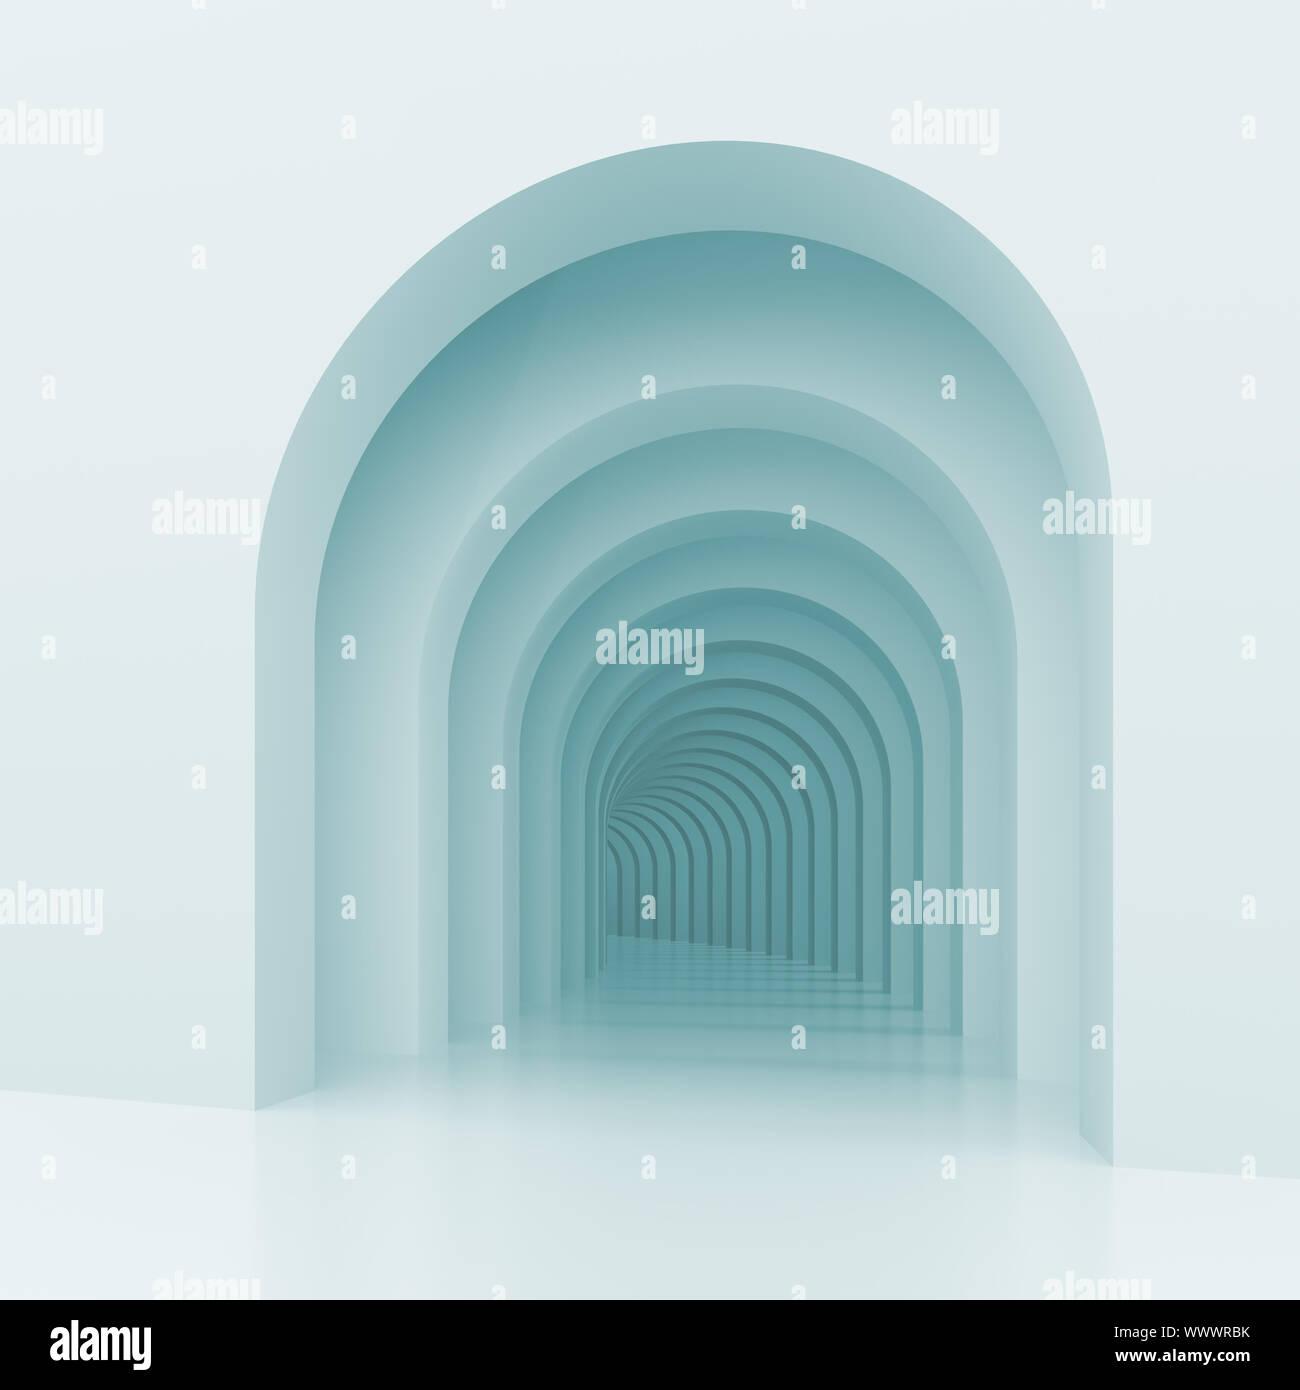 3d illustration de fond architectural avec des arcs Banque D'Images